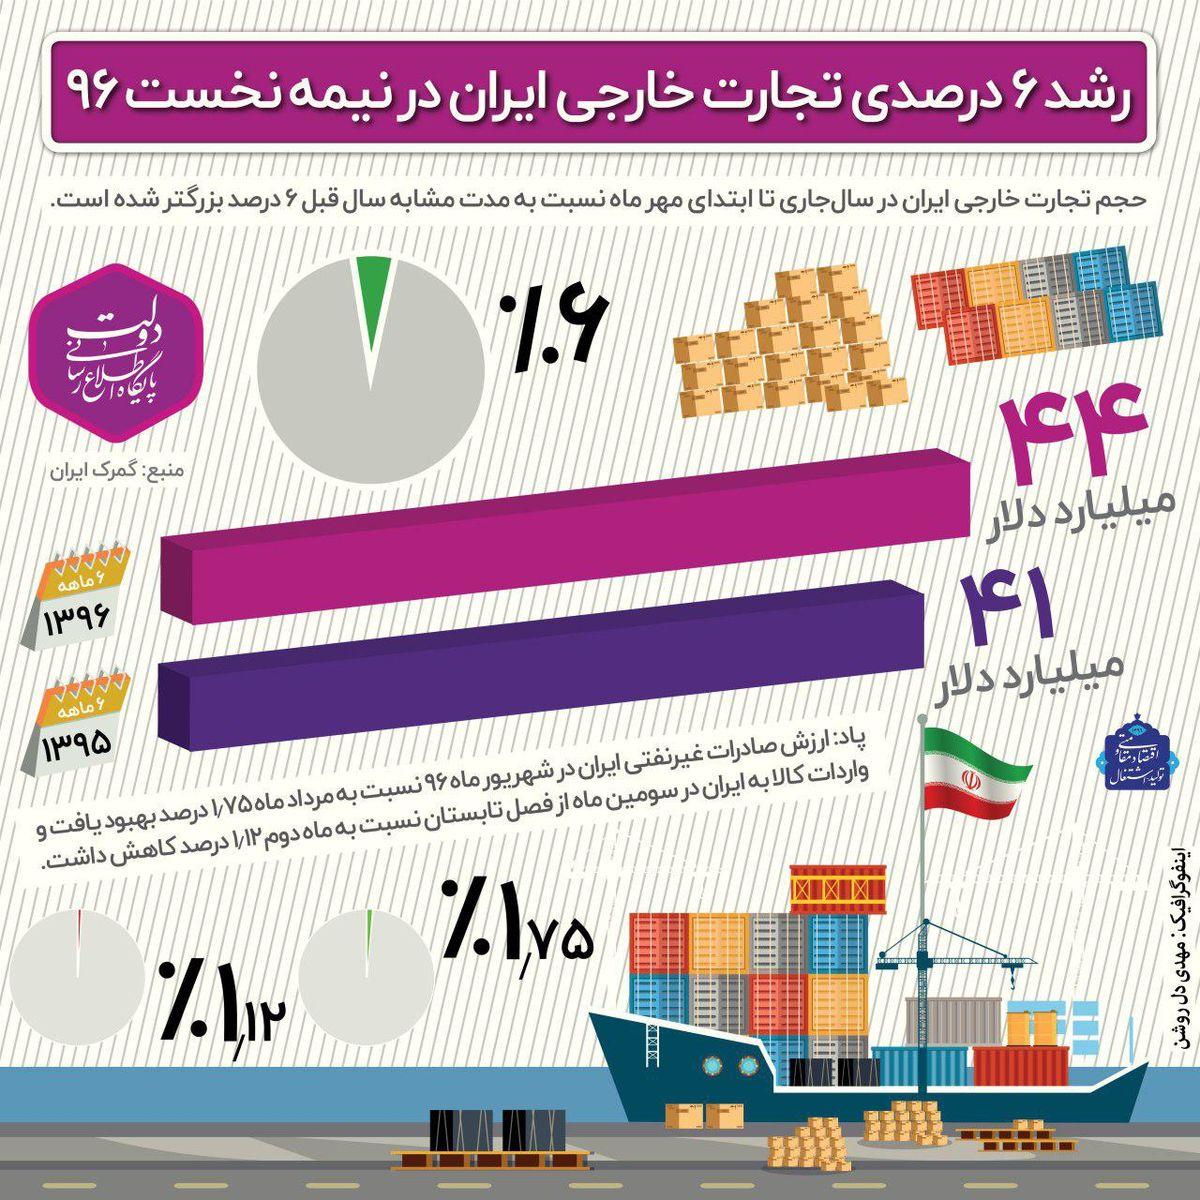 رشد ۶درصدی تجارت خارجی در نیمسال۹۶ +اینفوگرافیک